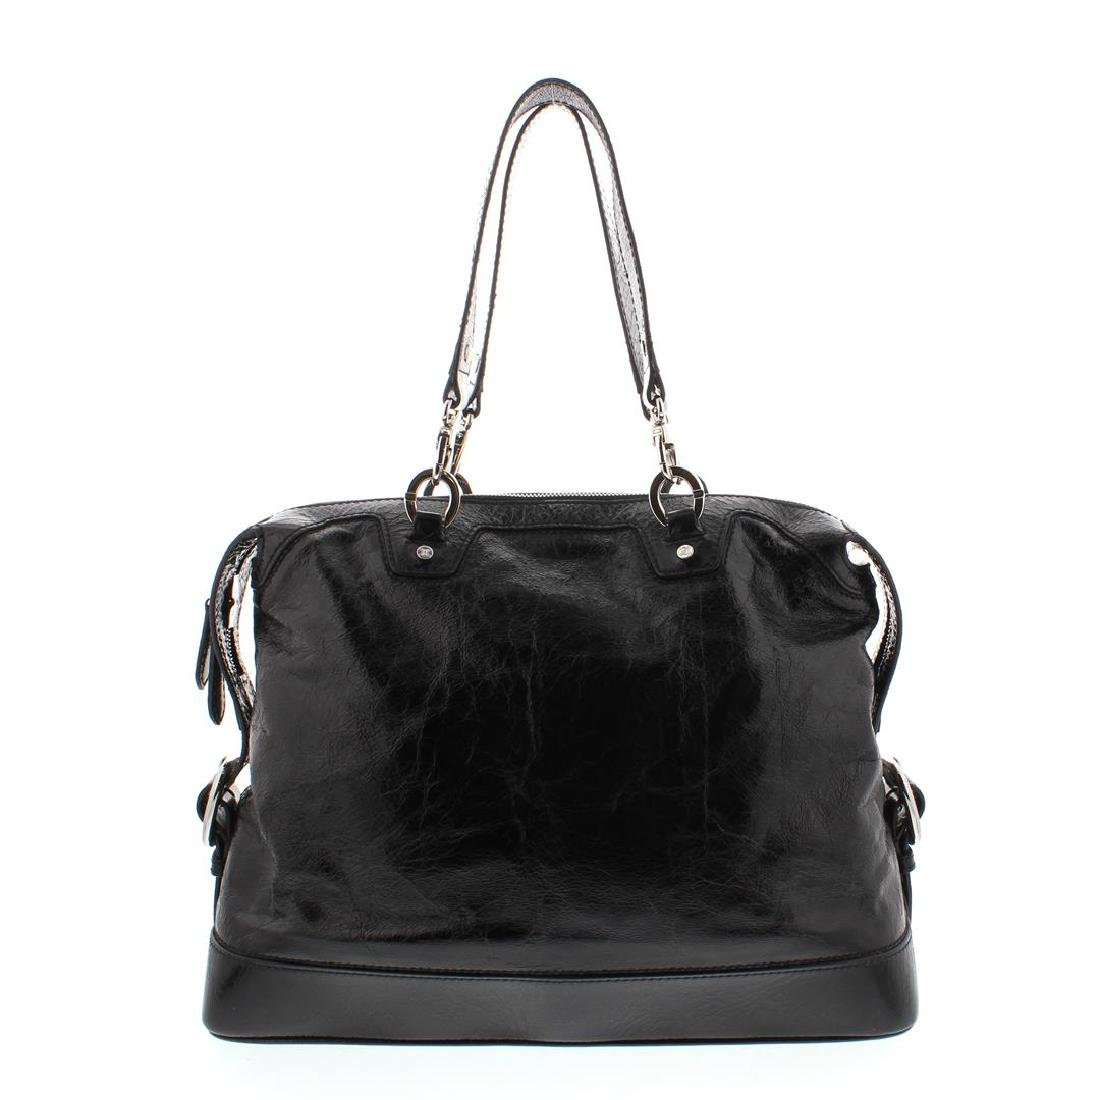 Celine Black Distressed Patent Leather Shoulder Handbag - 5